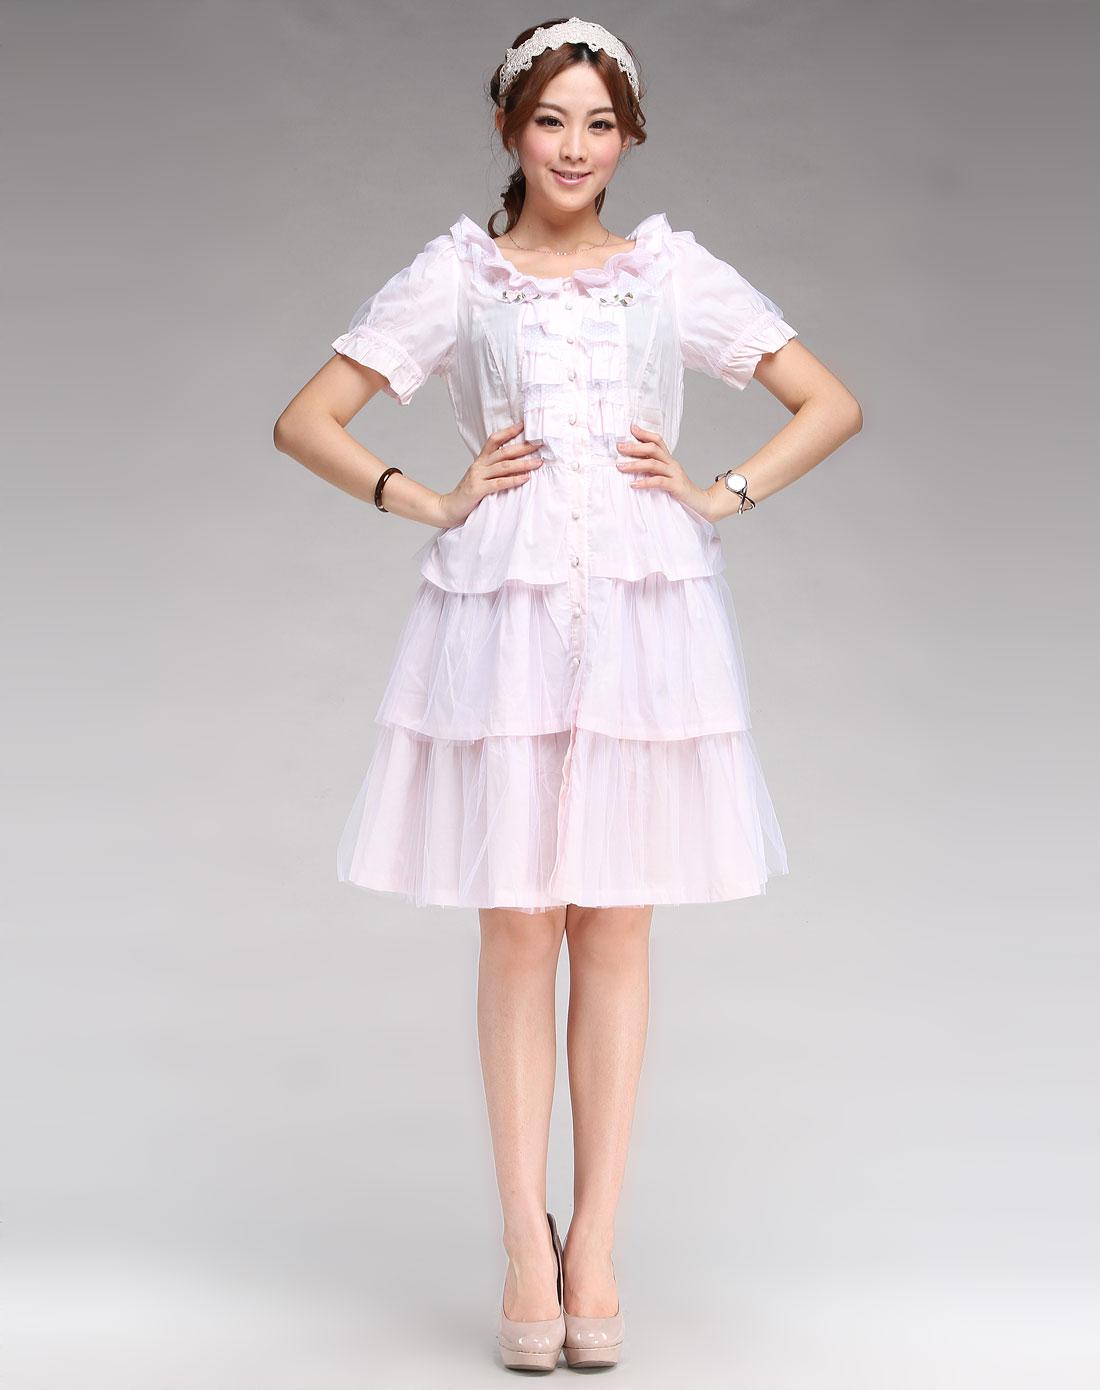 粉红色可爱短袖连衣裙